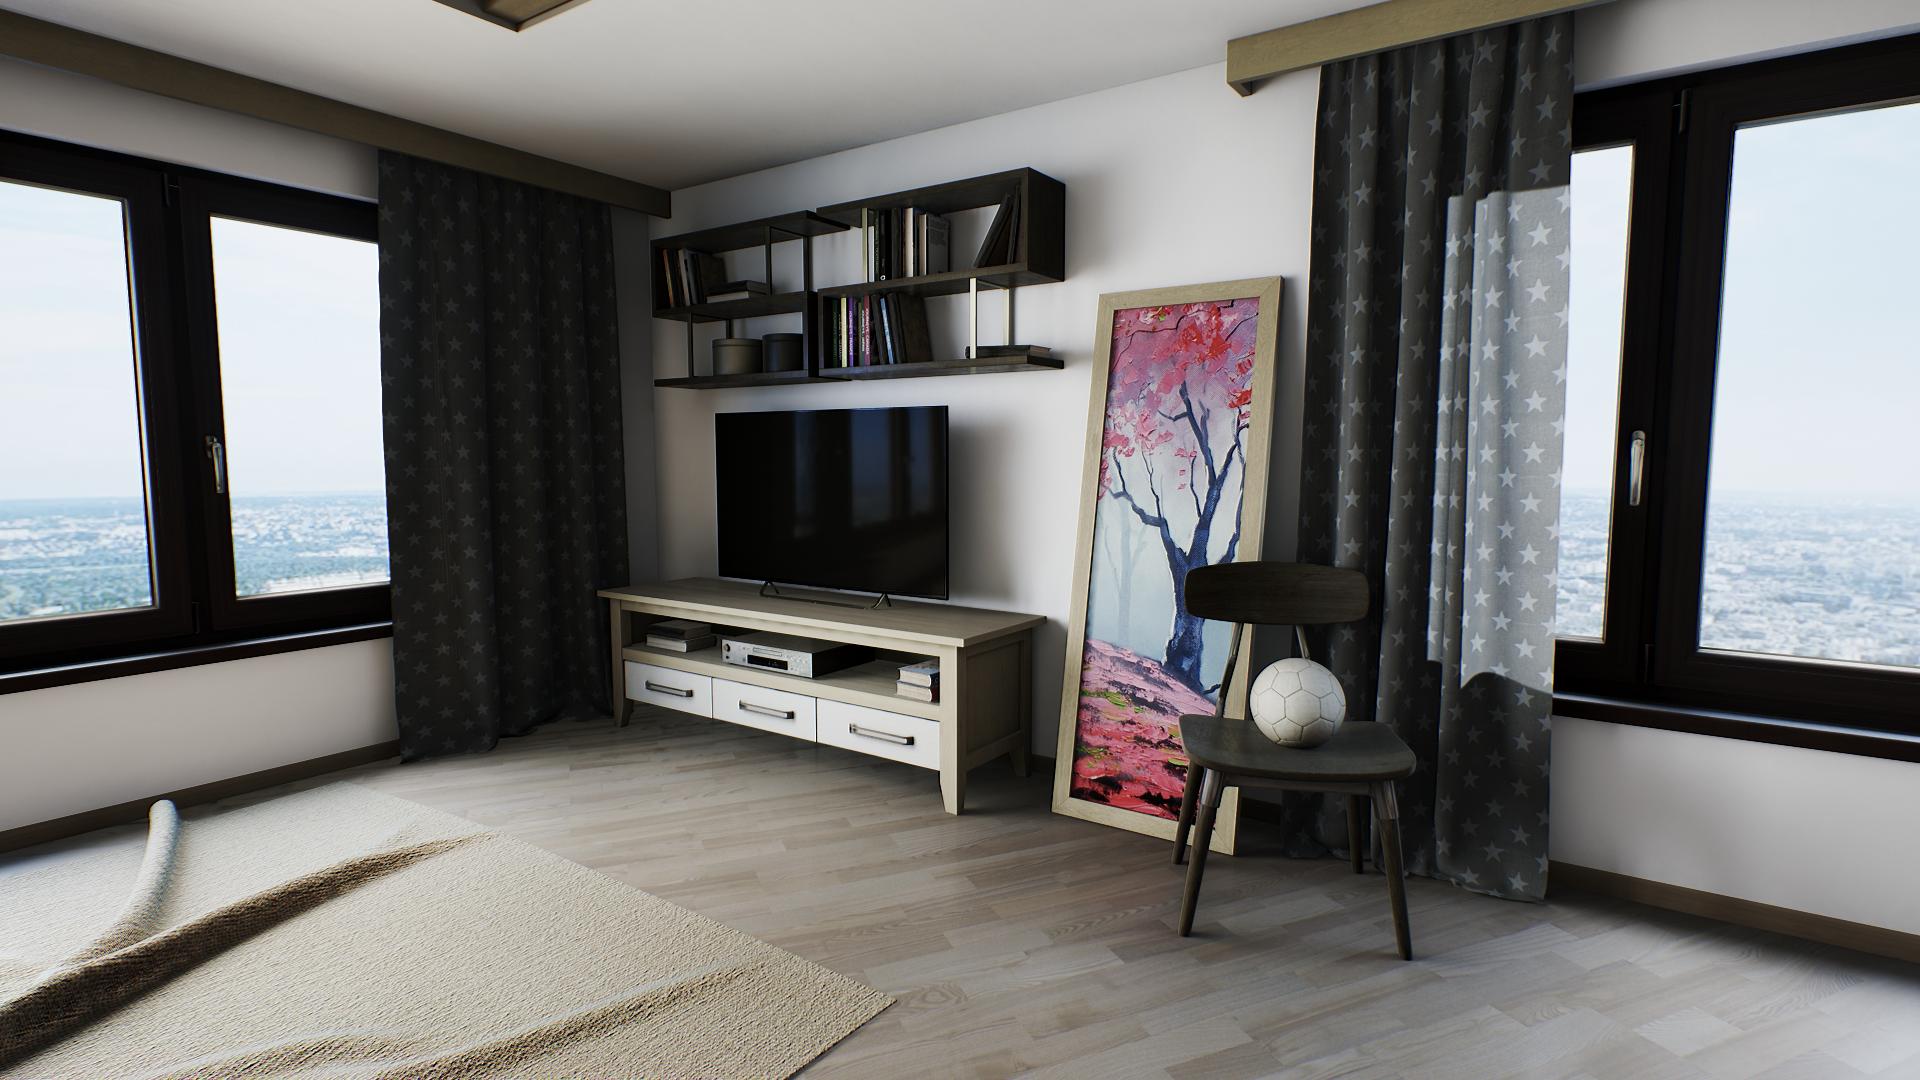 Sfondi 3d camera casa camera da letto interior for Nuove case con suite suocera